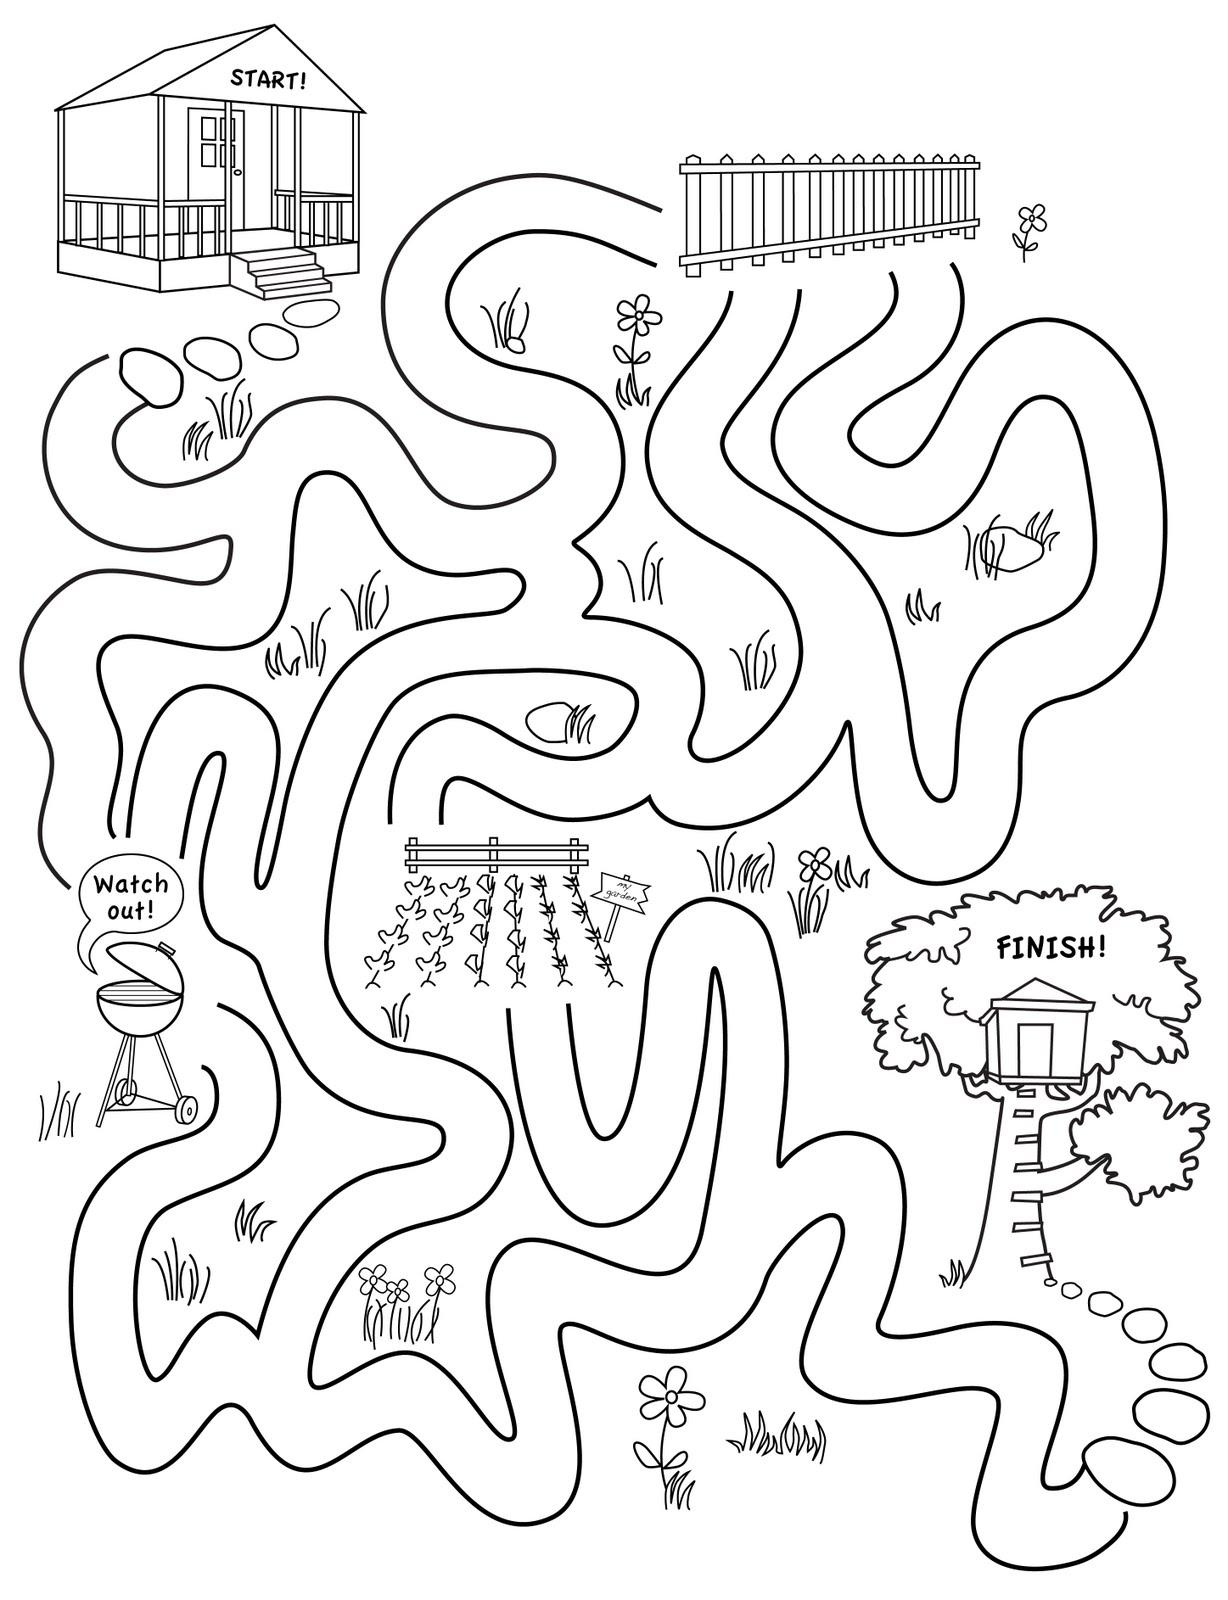 Taradactyl Old Maze Sketch